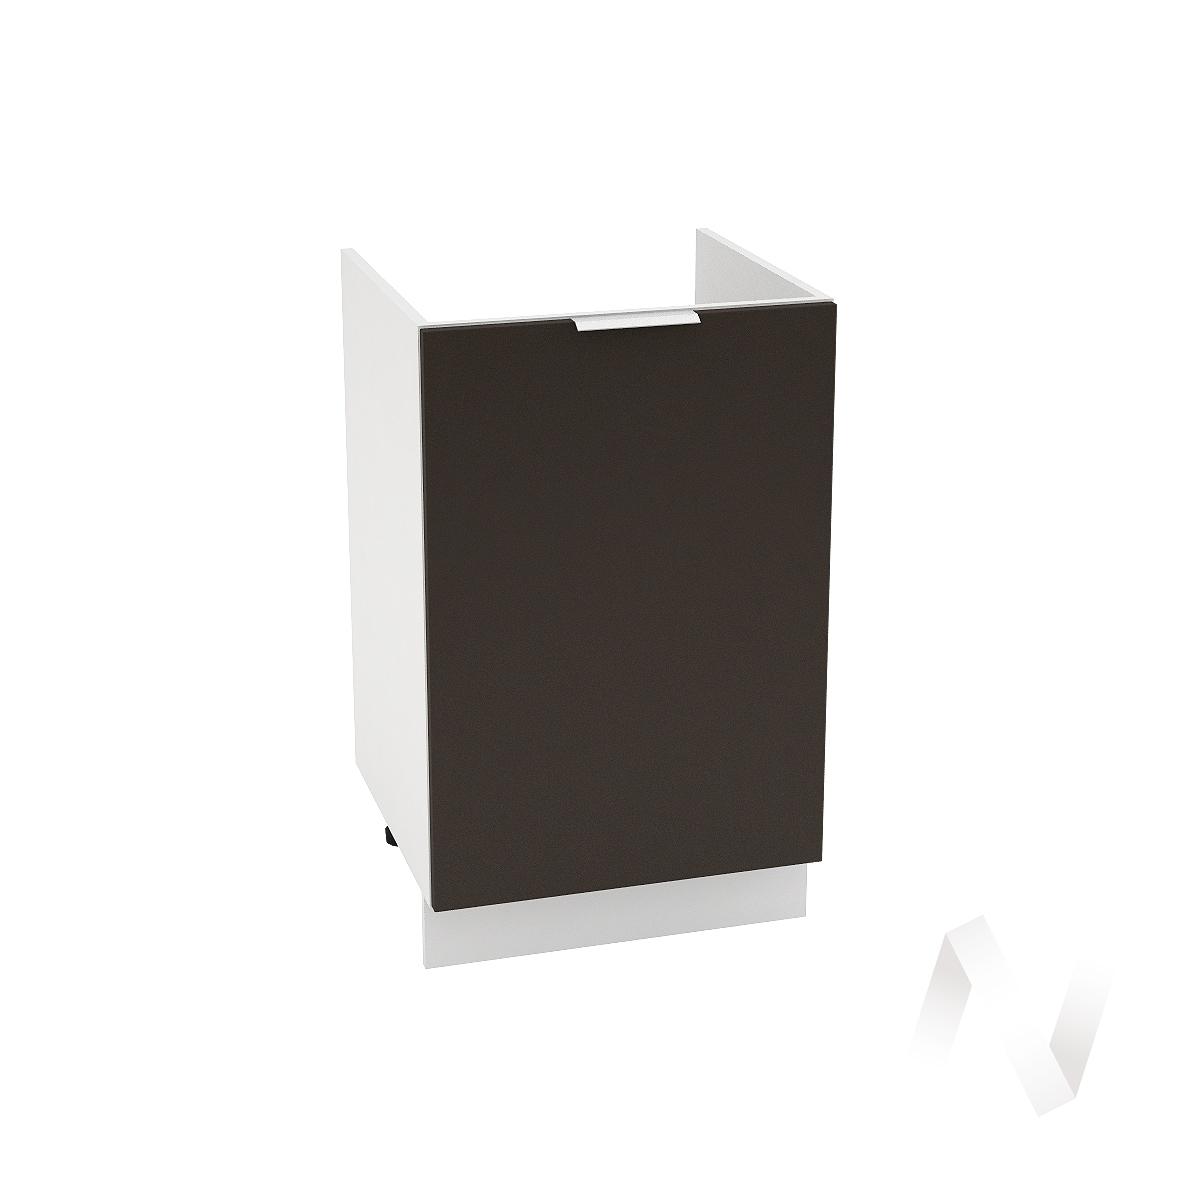 """Кухня """"Терра"""": Шкаф нижний под мойку 500, ШНМ 500 (смоки софт/корпус белый)"""